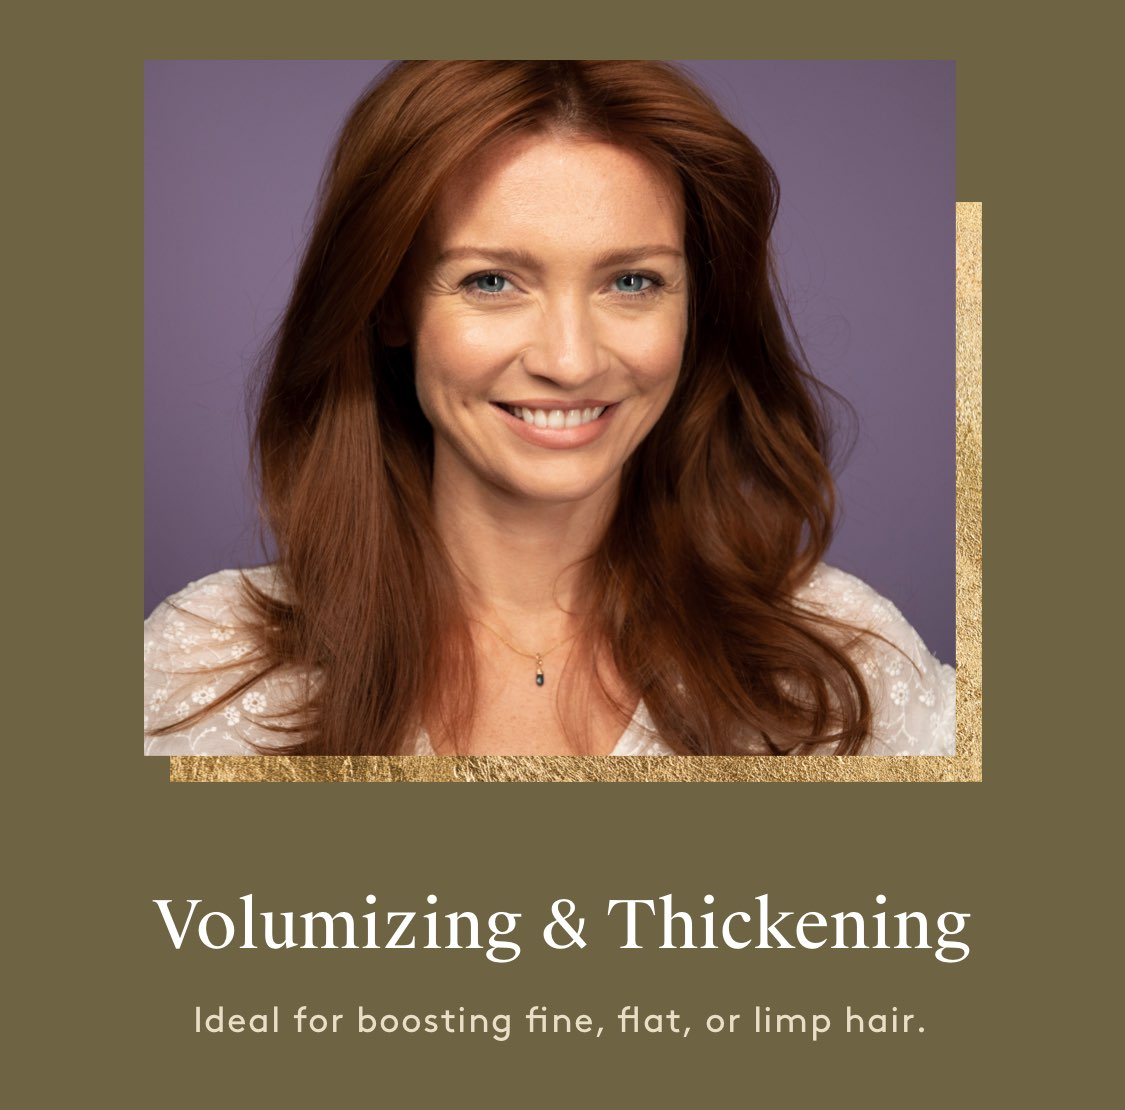 Volumizing & Thickening